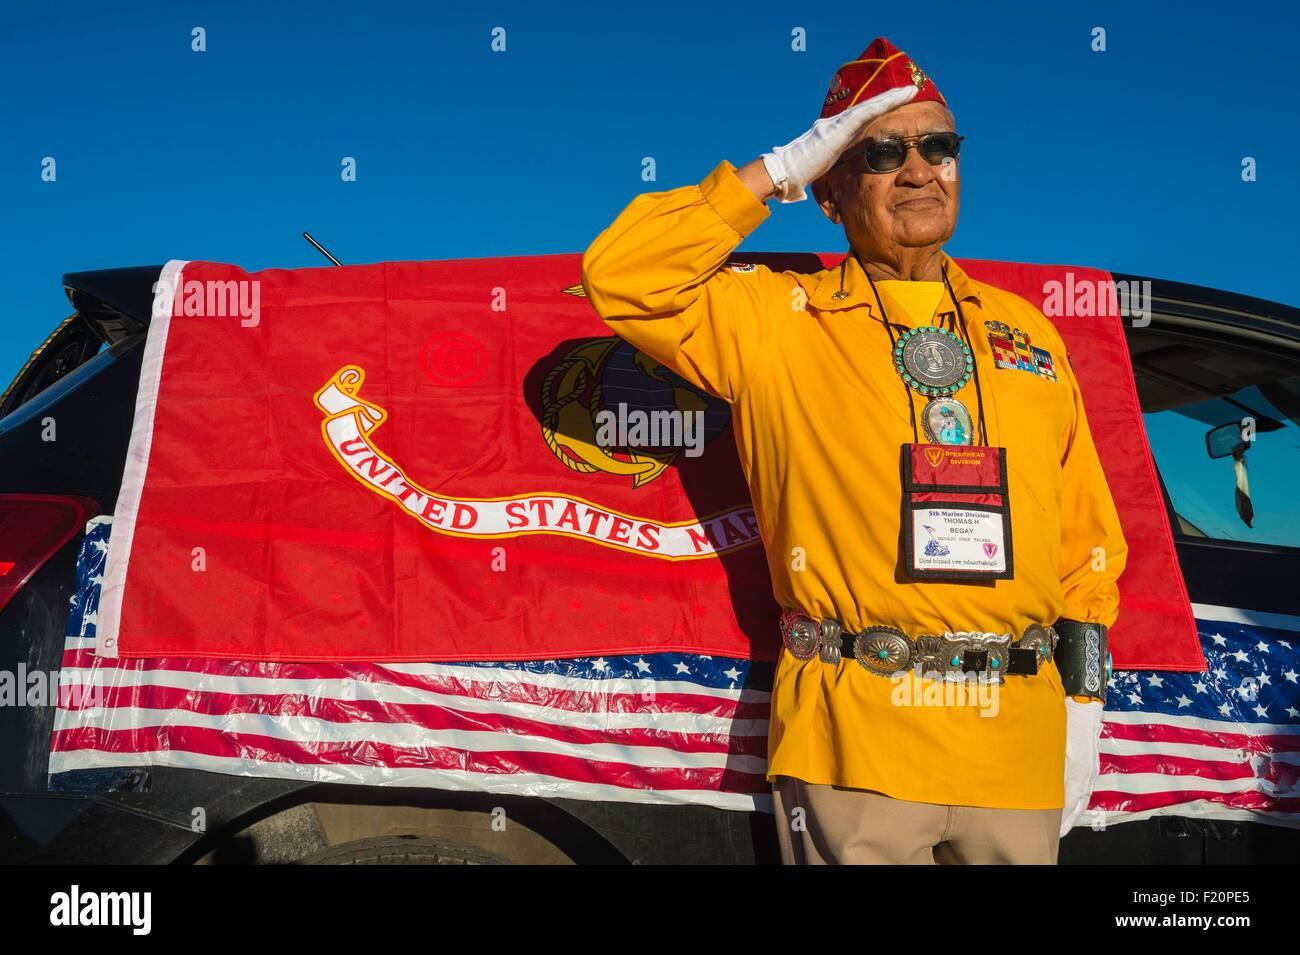 Estados Unidos, Arizona, ventana, Festival de Rock, desfile de la Feria de la Nación Navajo, lector de código Imagen De Stock